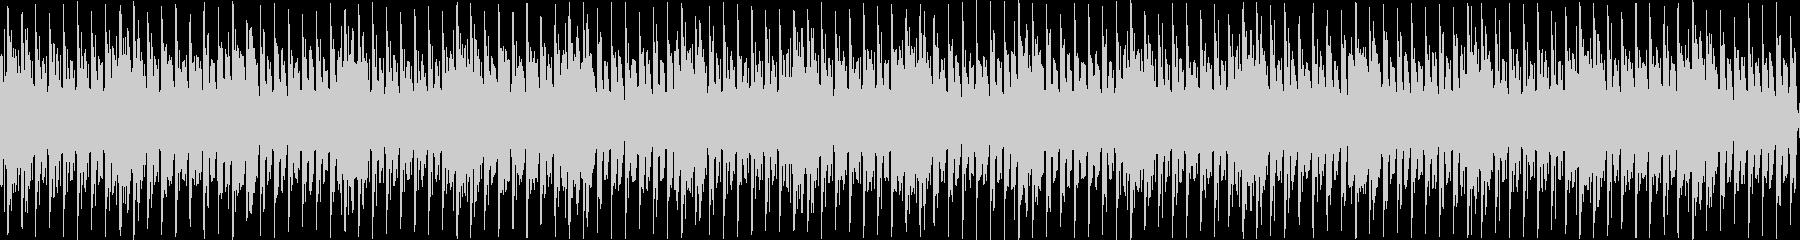 声と音によるテクノの未再生の波形